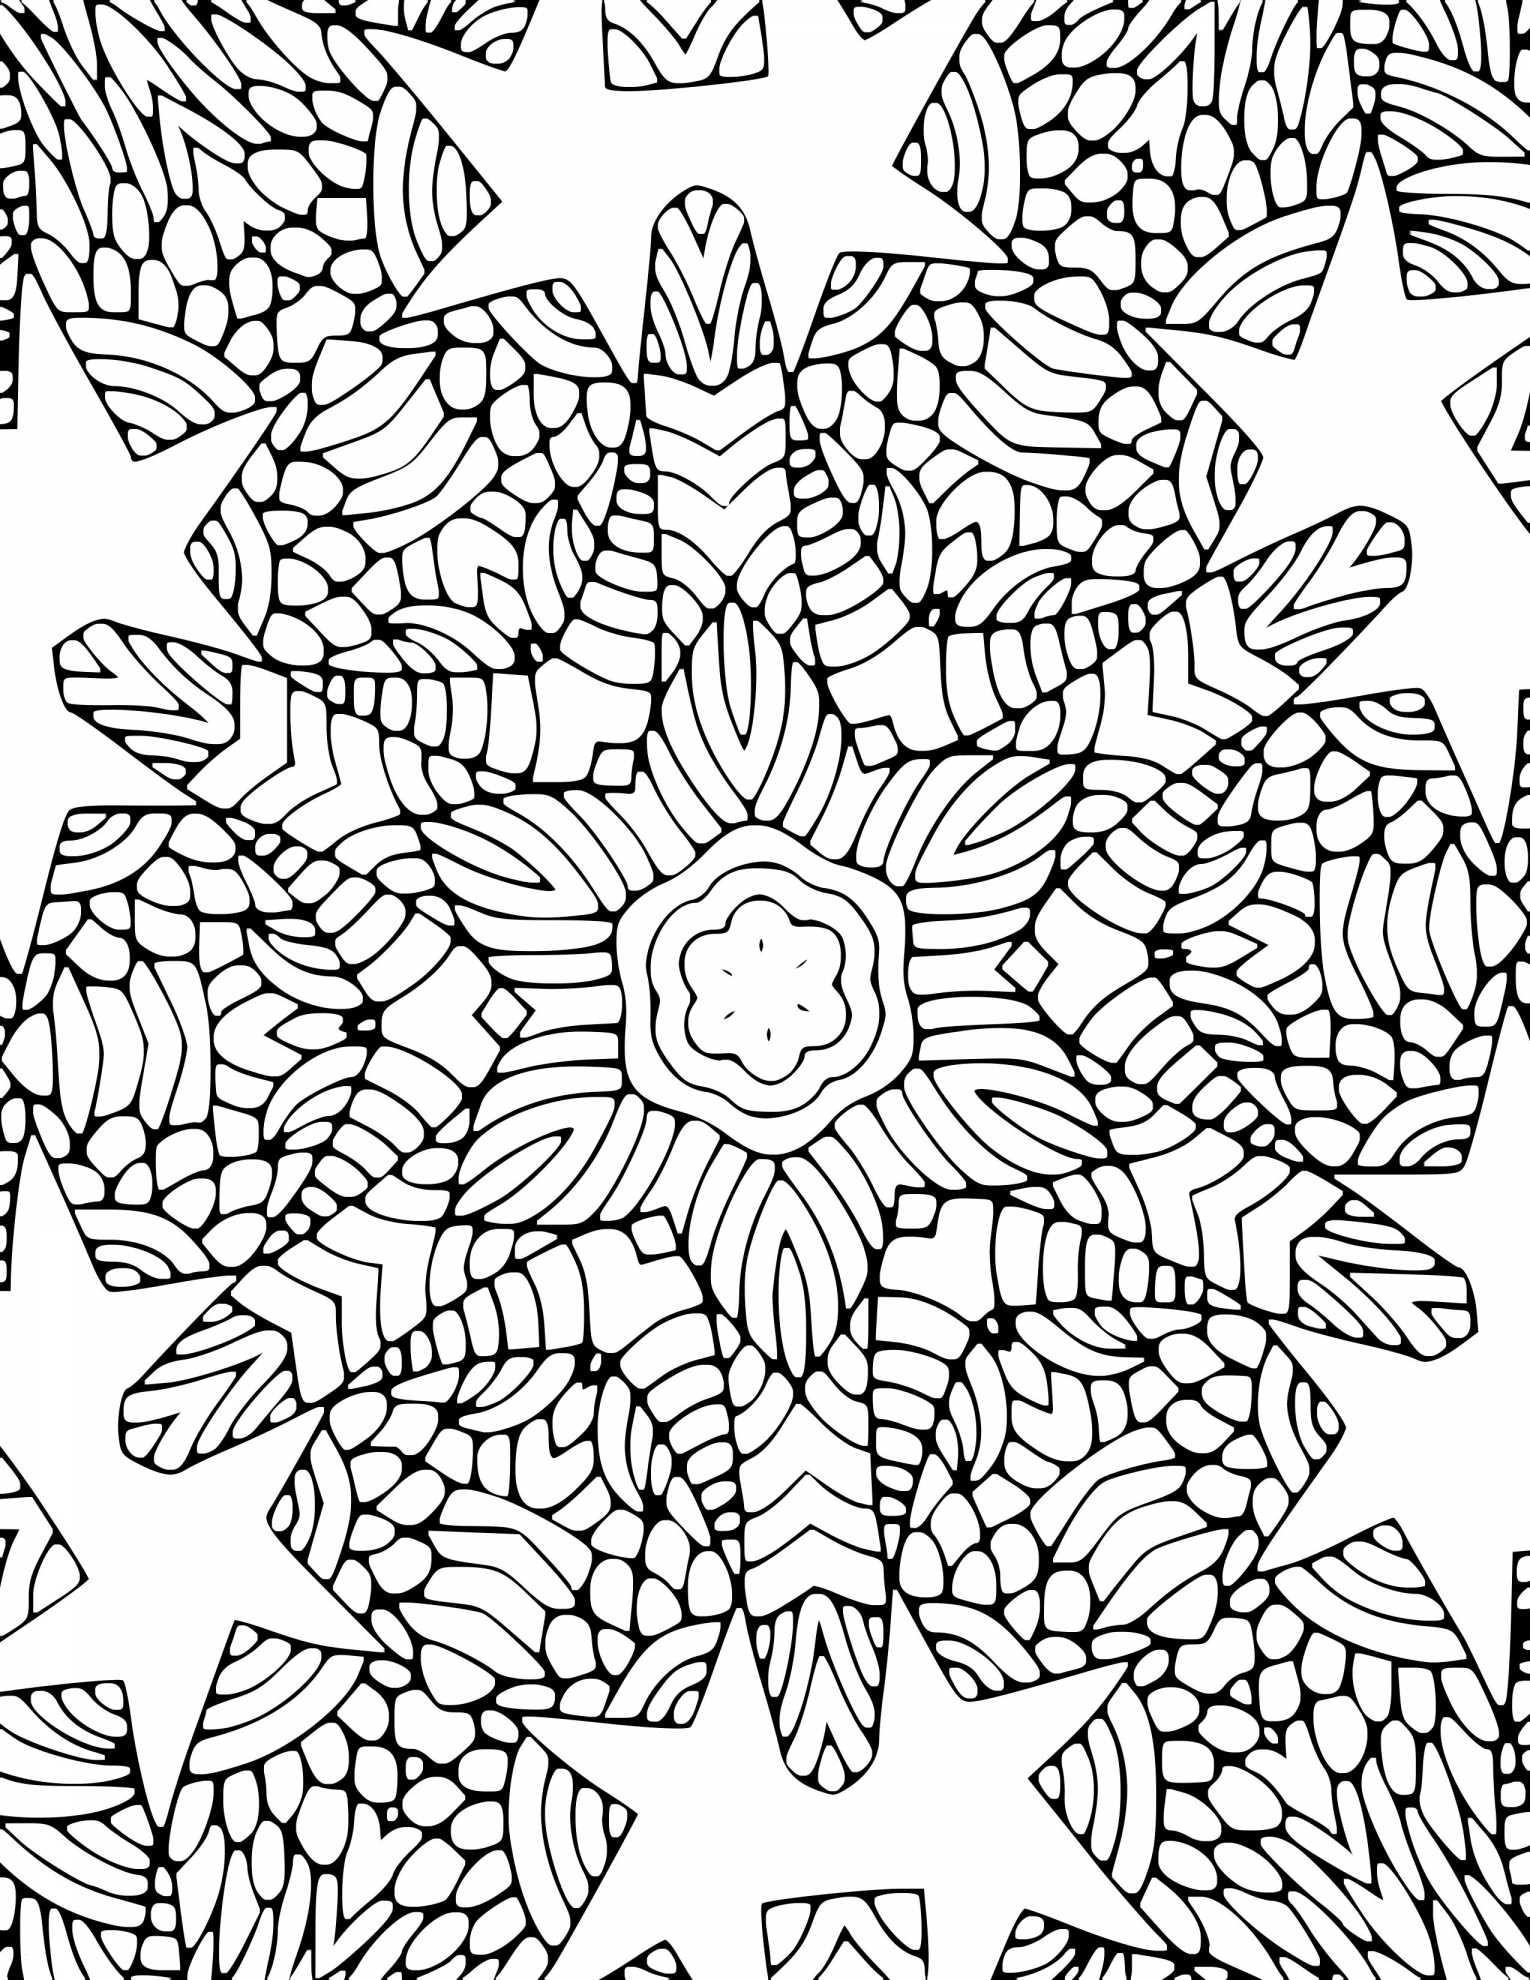 Ausmalbilder Haus Mit Garten Das Beste Von Garten Ausmalbild Ausmalbilder Haus Mit Garten Uploadertalk Galerie